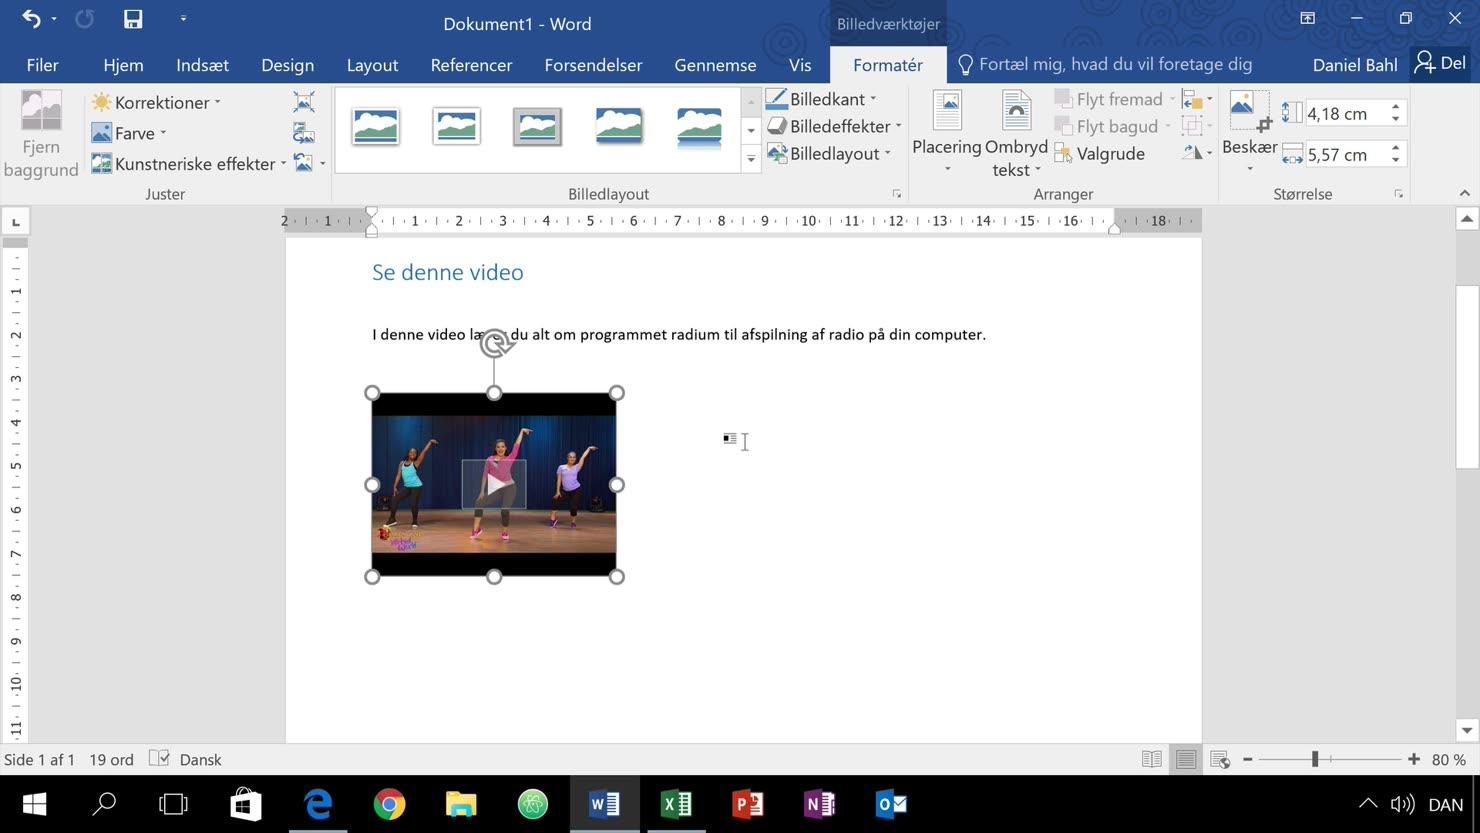 Multimedie i form af video i dit dokument